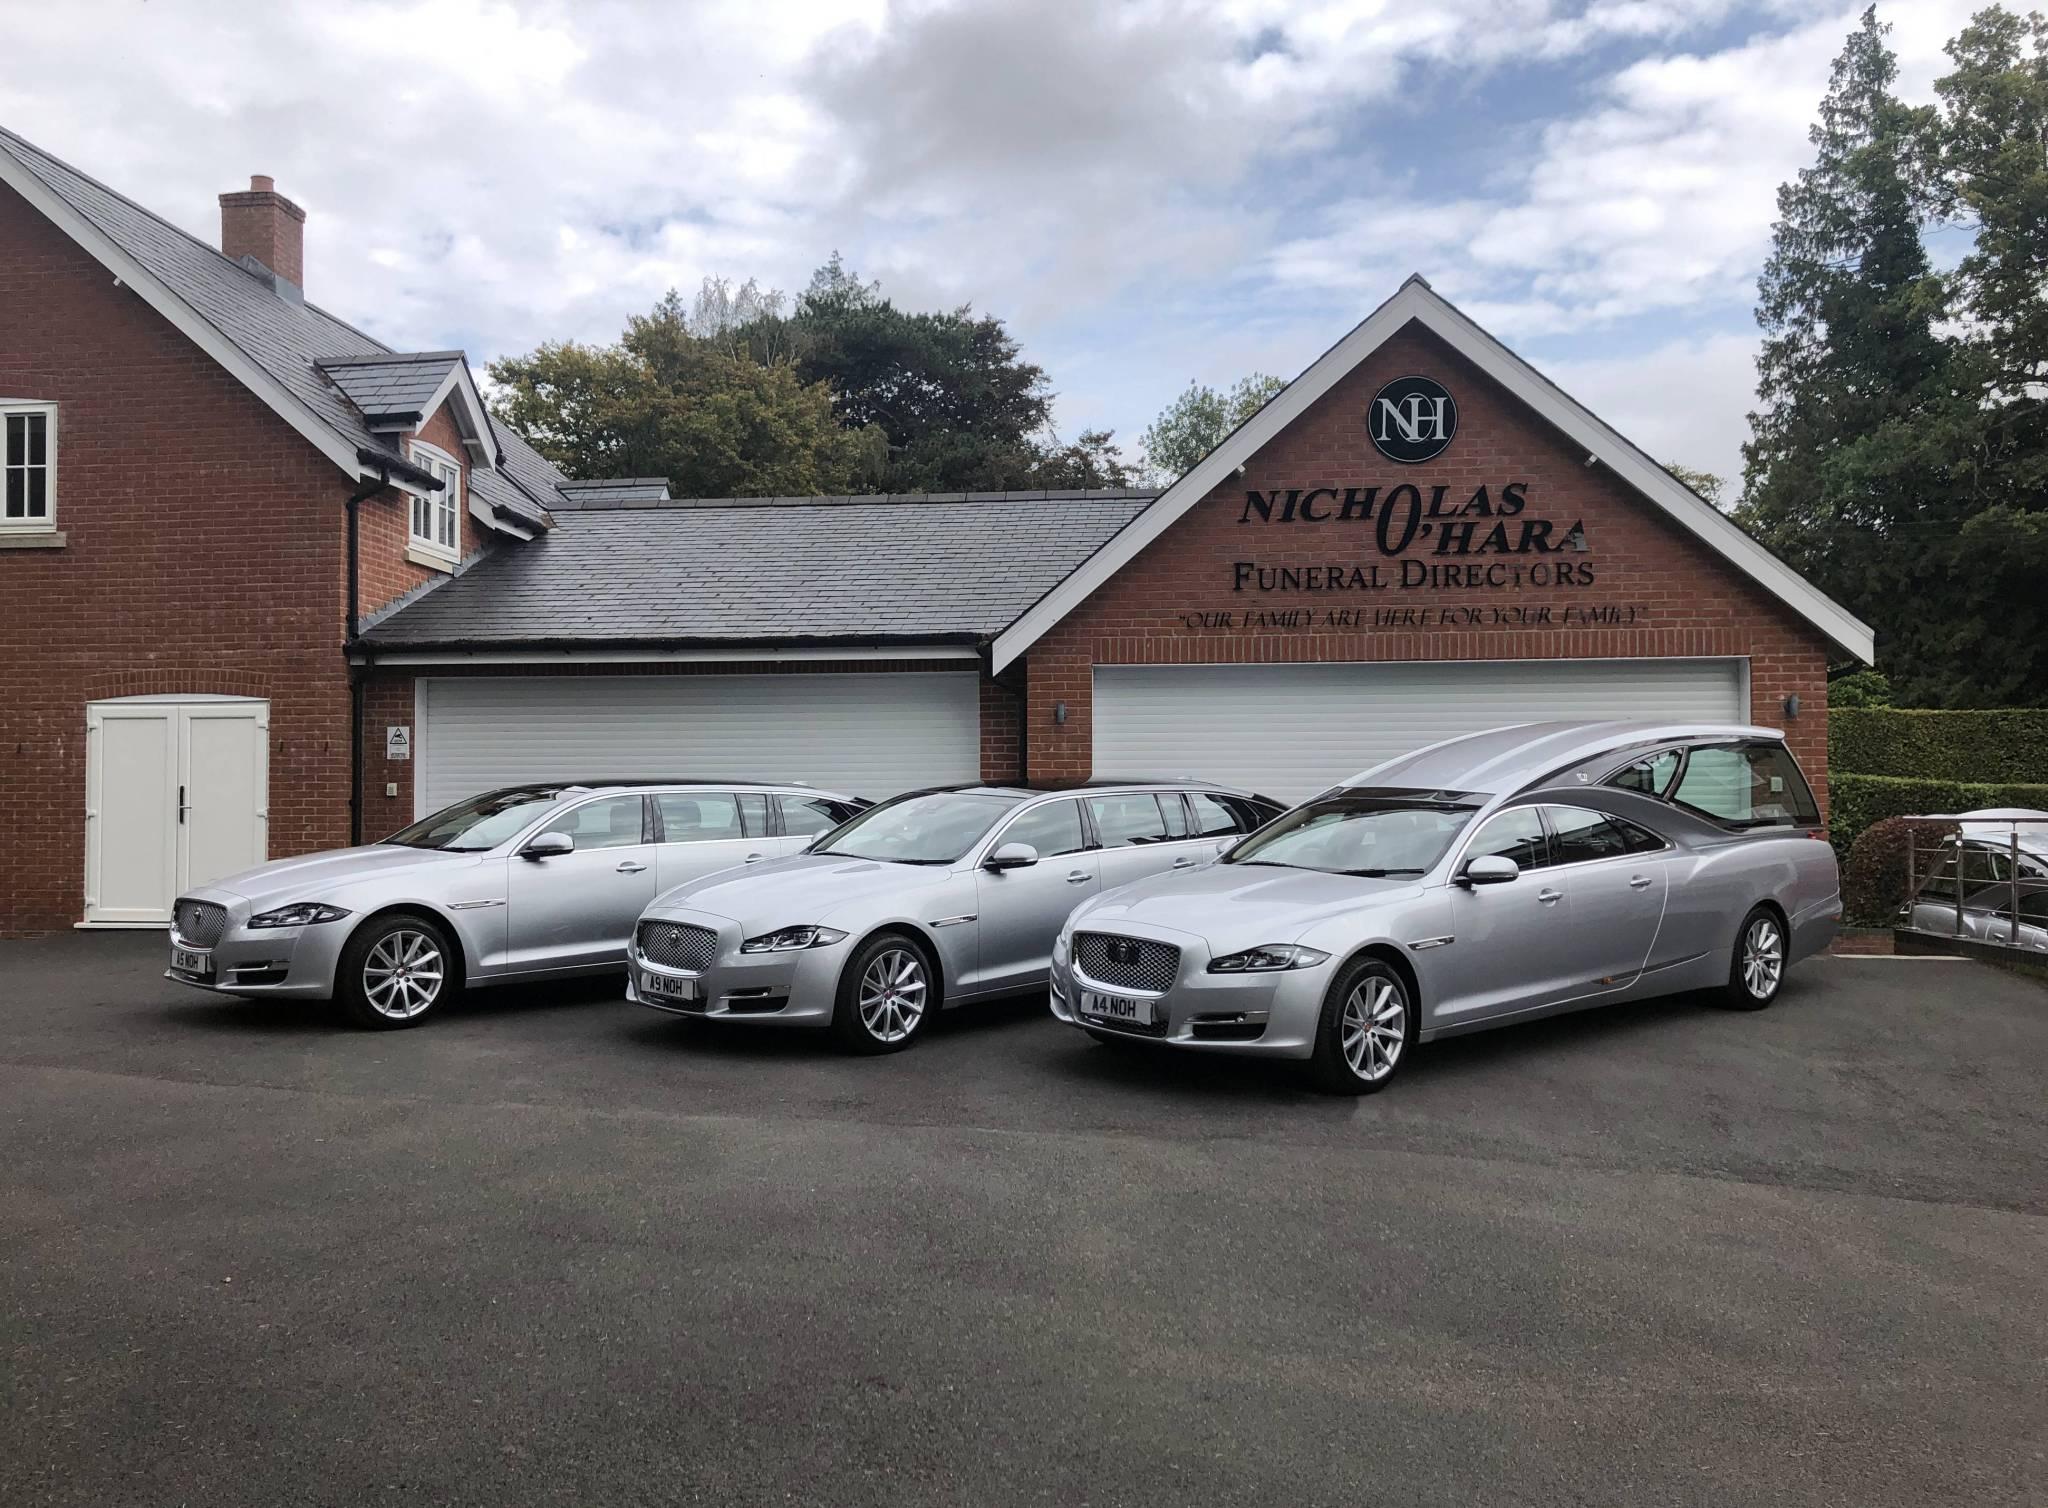 New Pilato Jaguar XJ Fleet For Nicholas O'Hara Funeral Directors